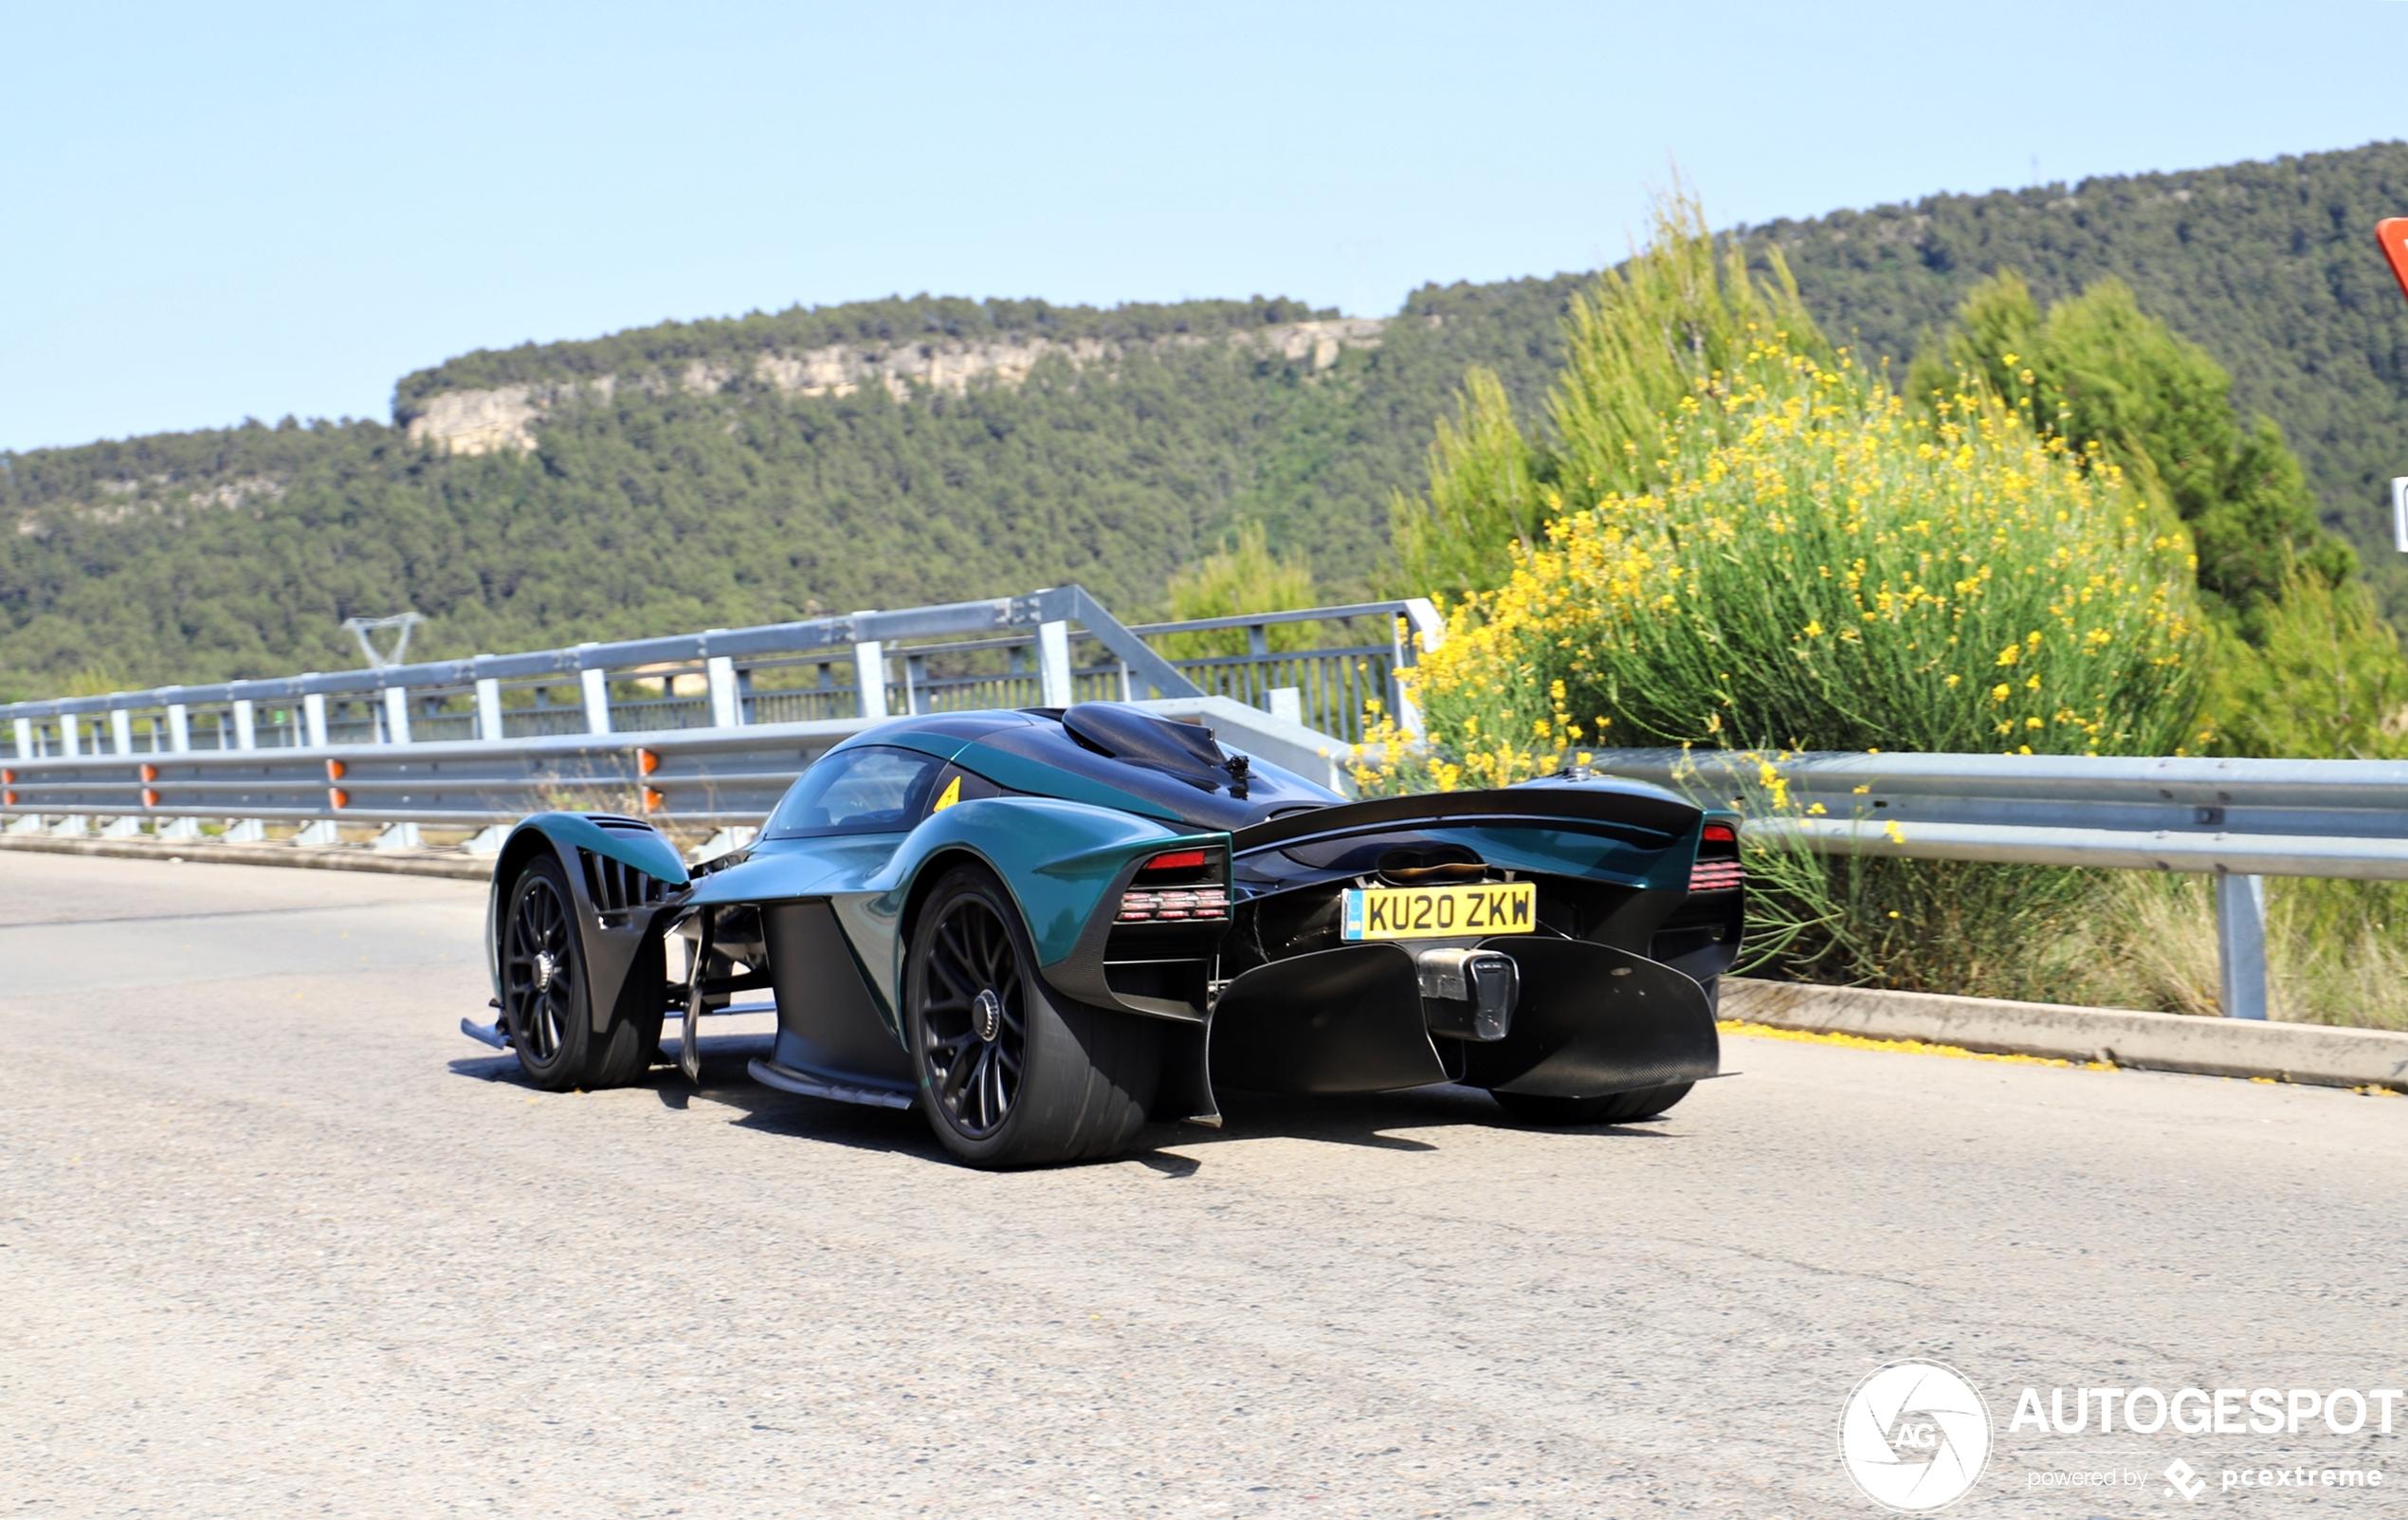 Voor het eerst! Aston Martin Valkyrie